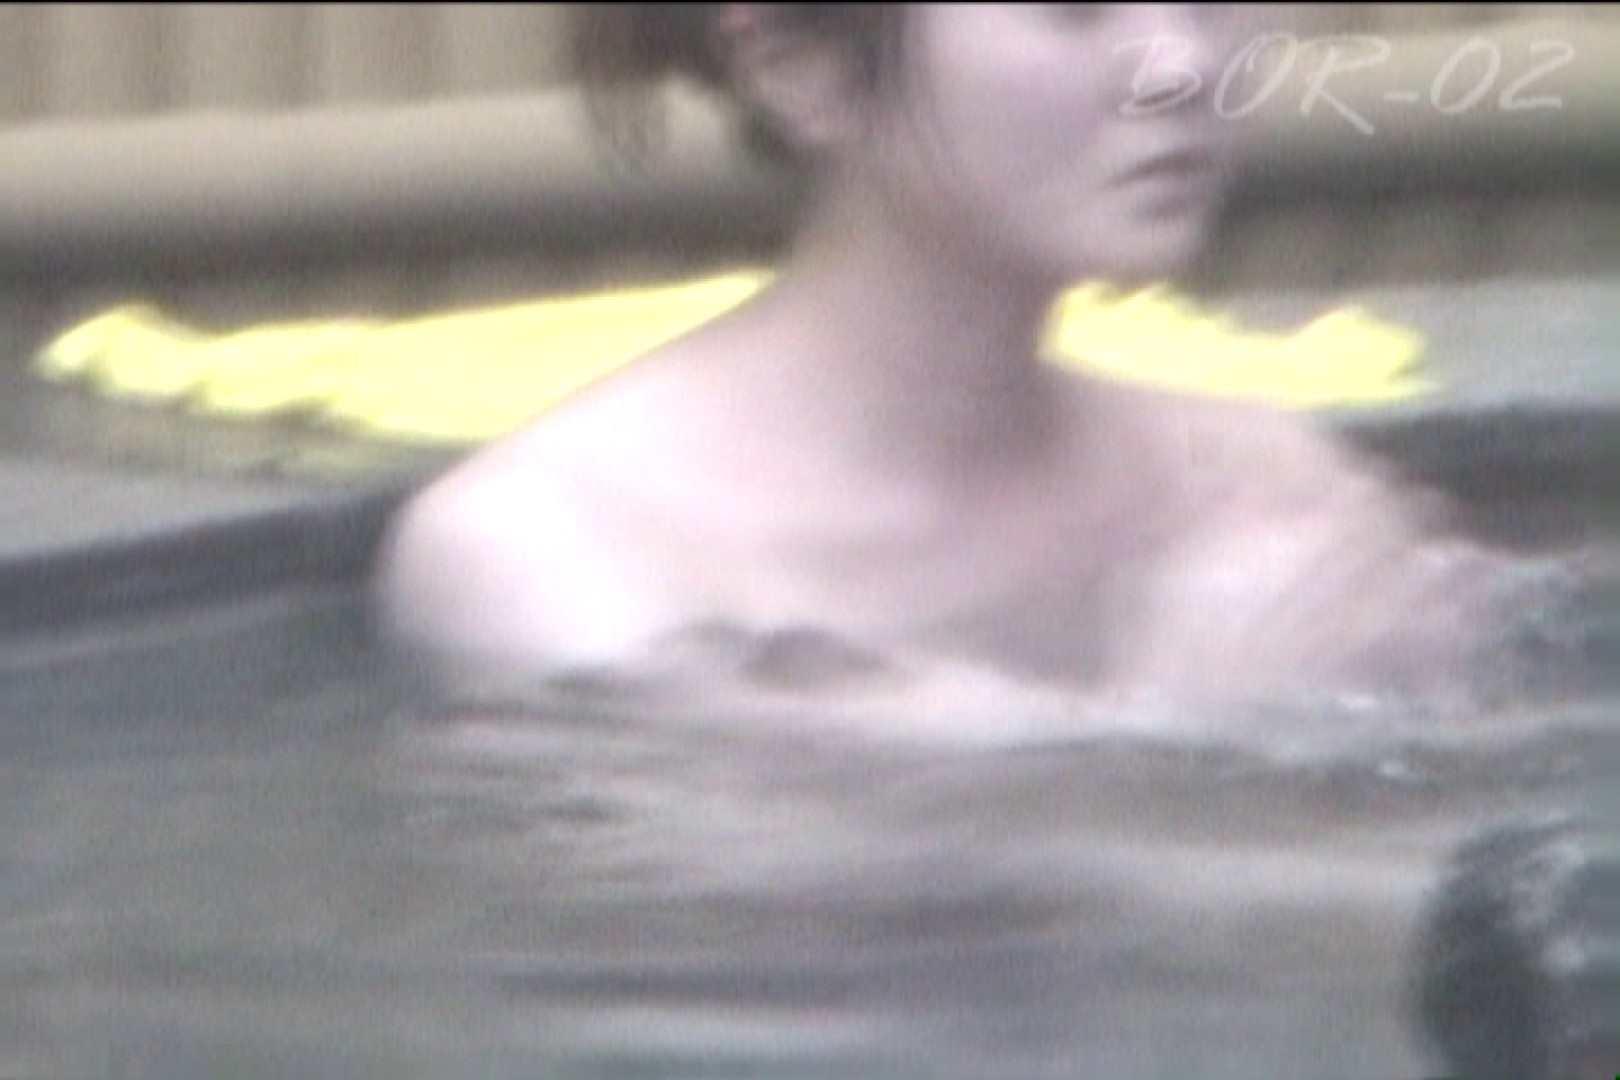 Aquaな露天風呂Vol.474 露天風呂  10枚 10